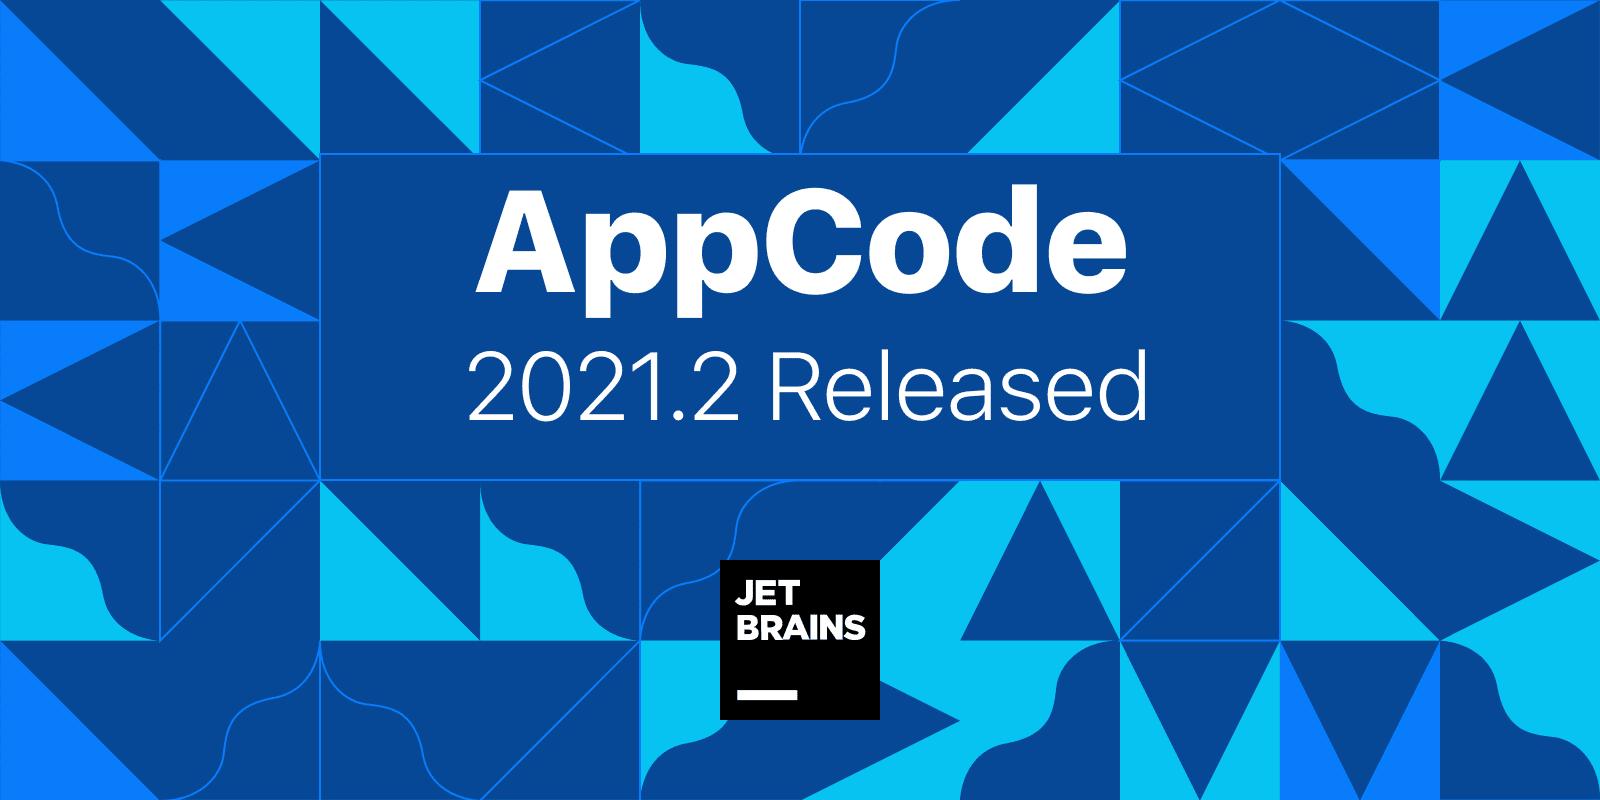 AppCode 2021.2